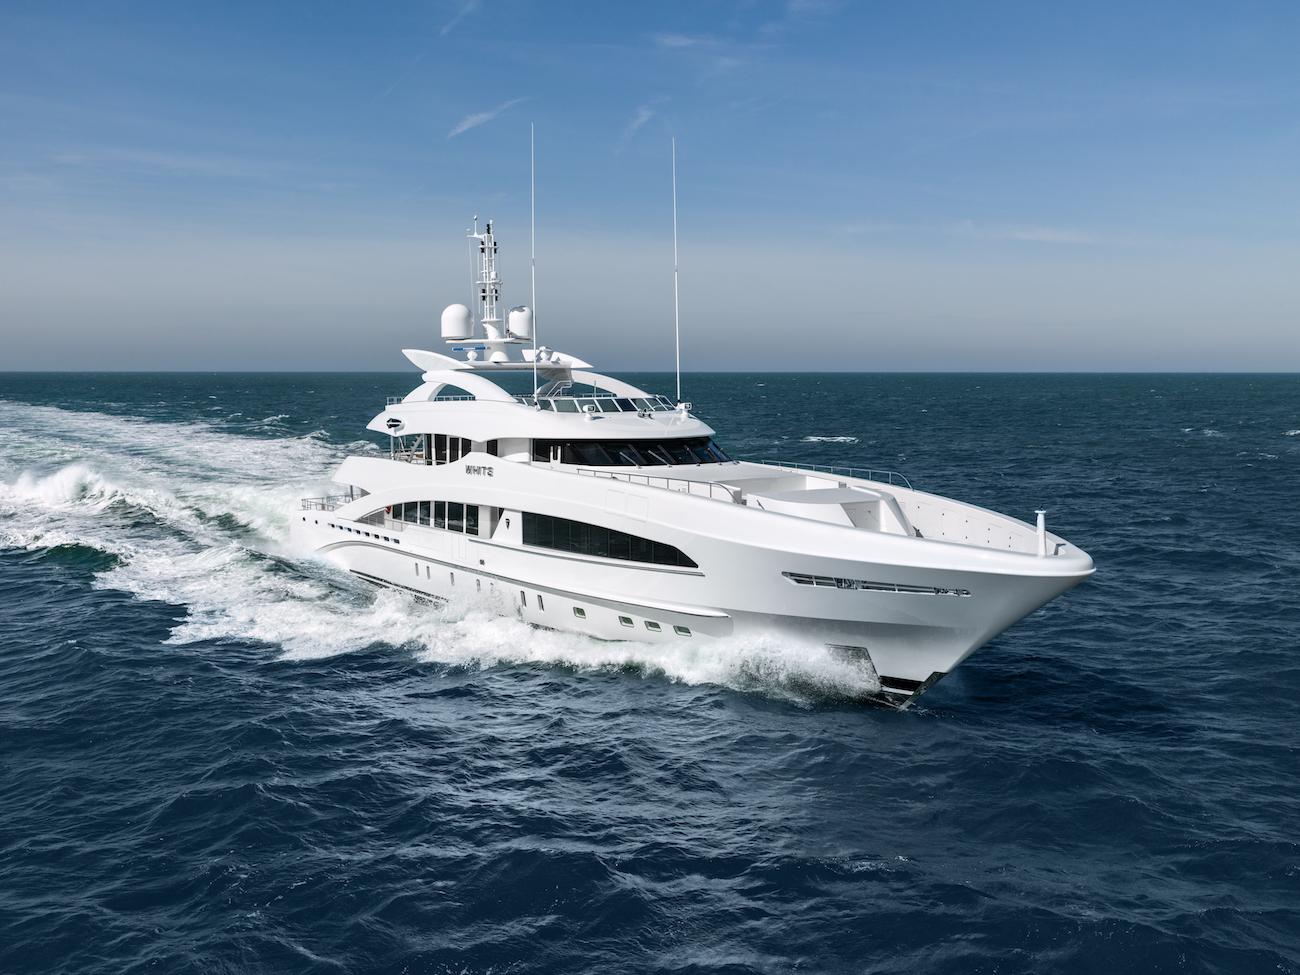 50m Yacht WHITE By Heesen Under Sea Trials